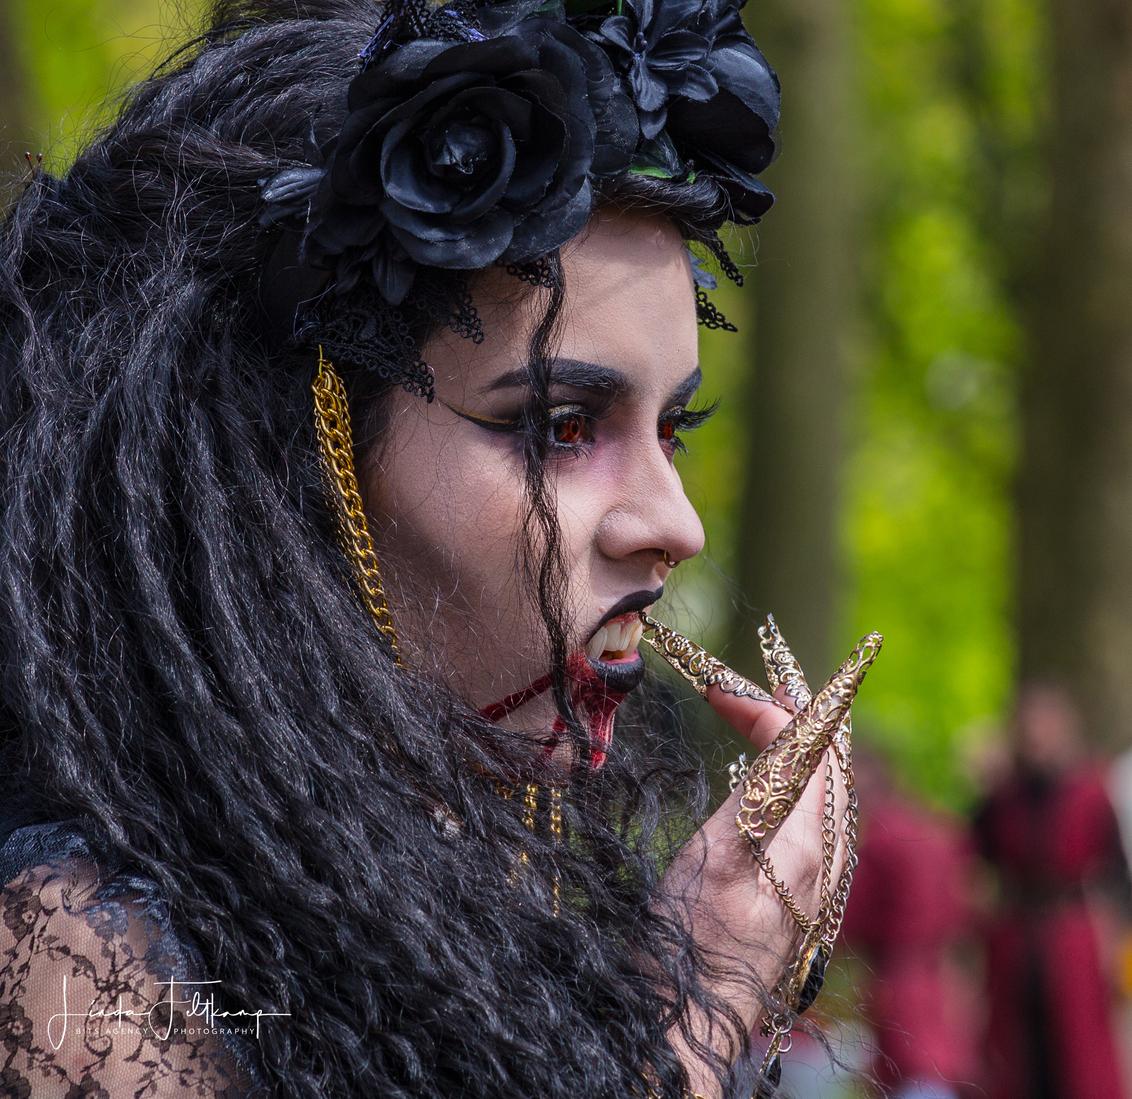 Elfia Festival - Elfia Festival Haarzuilens, een fantasy kostuum evenement - foto door Lotje1209 op 02-05-2018 - deze foto bevat: vrouw, mensen, portret, model, carnaval, haarzuilens, straatfotografie, festival, fantasy, kostuum, verkleed, visagie, evenement, Elfia